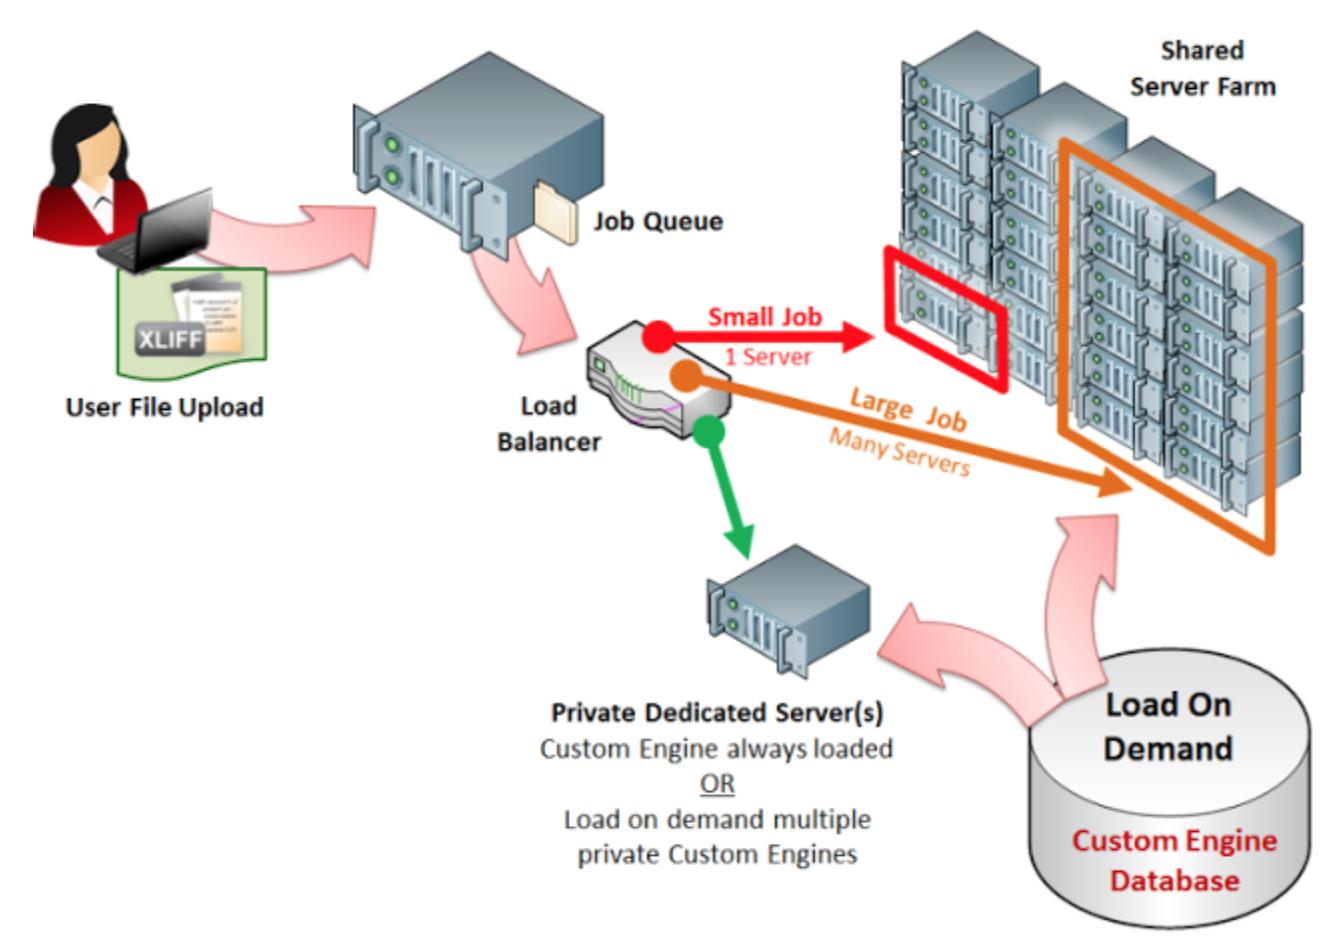 saas model in cloud computing